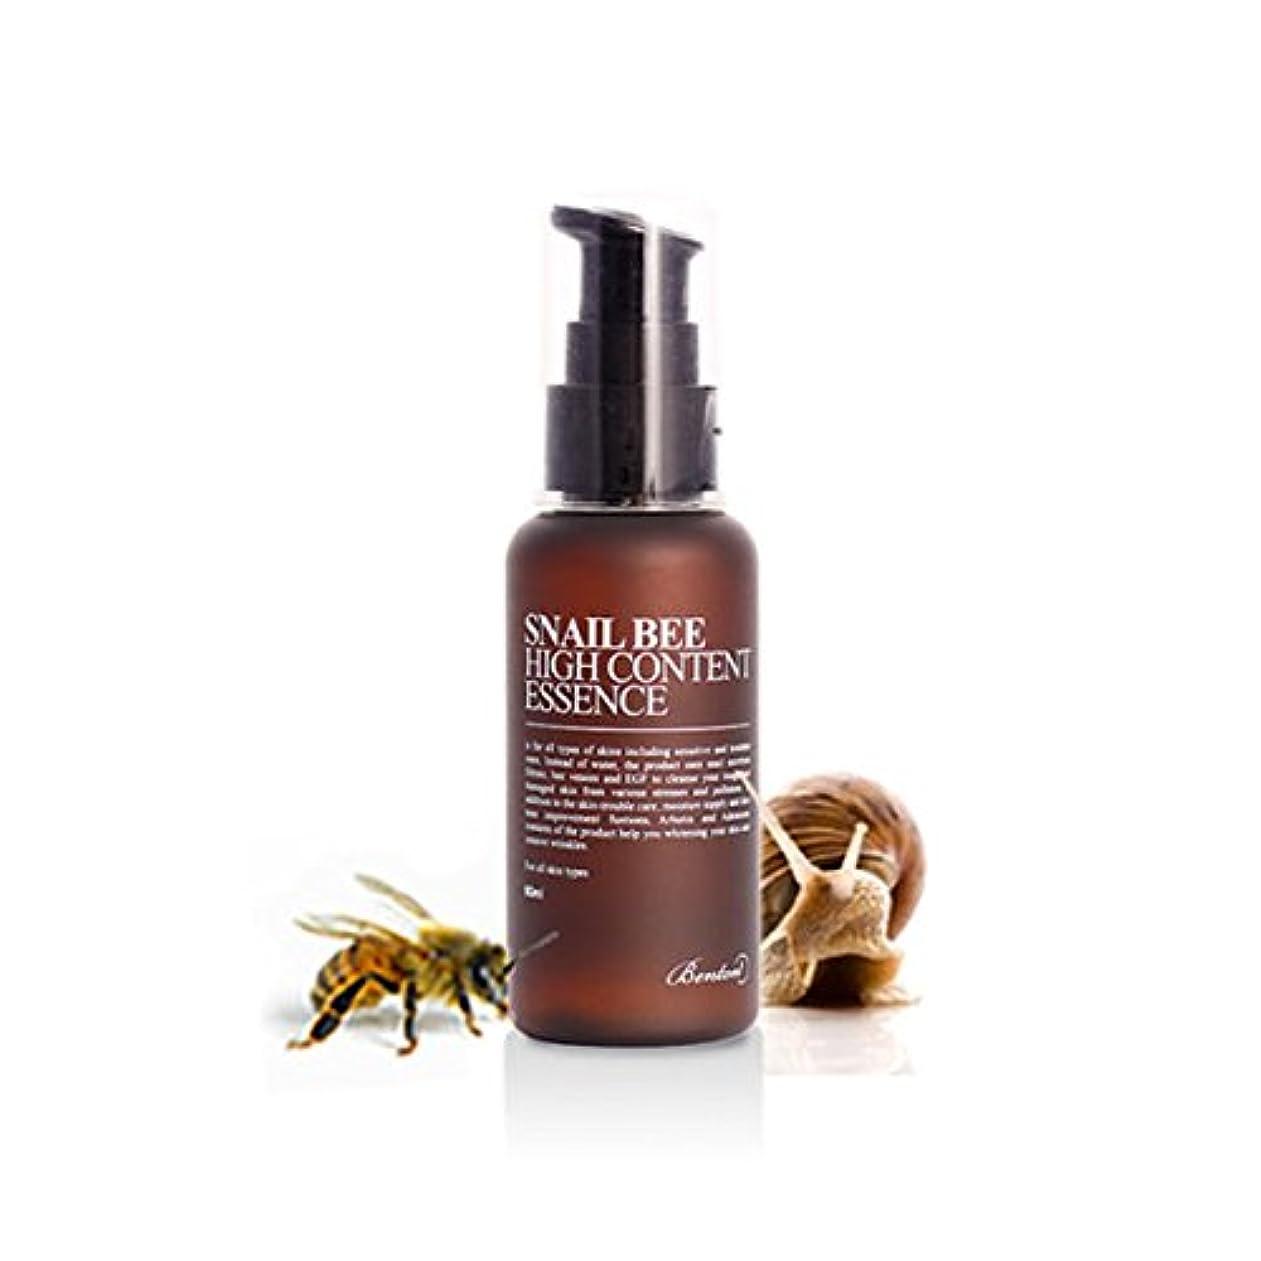 魔女二次時代[ベントン] Benton カタツムリ蜂ハイコンテンツエッセンス Snail Bee High Content Essence 60ml [並行輸入品]